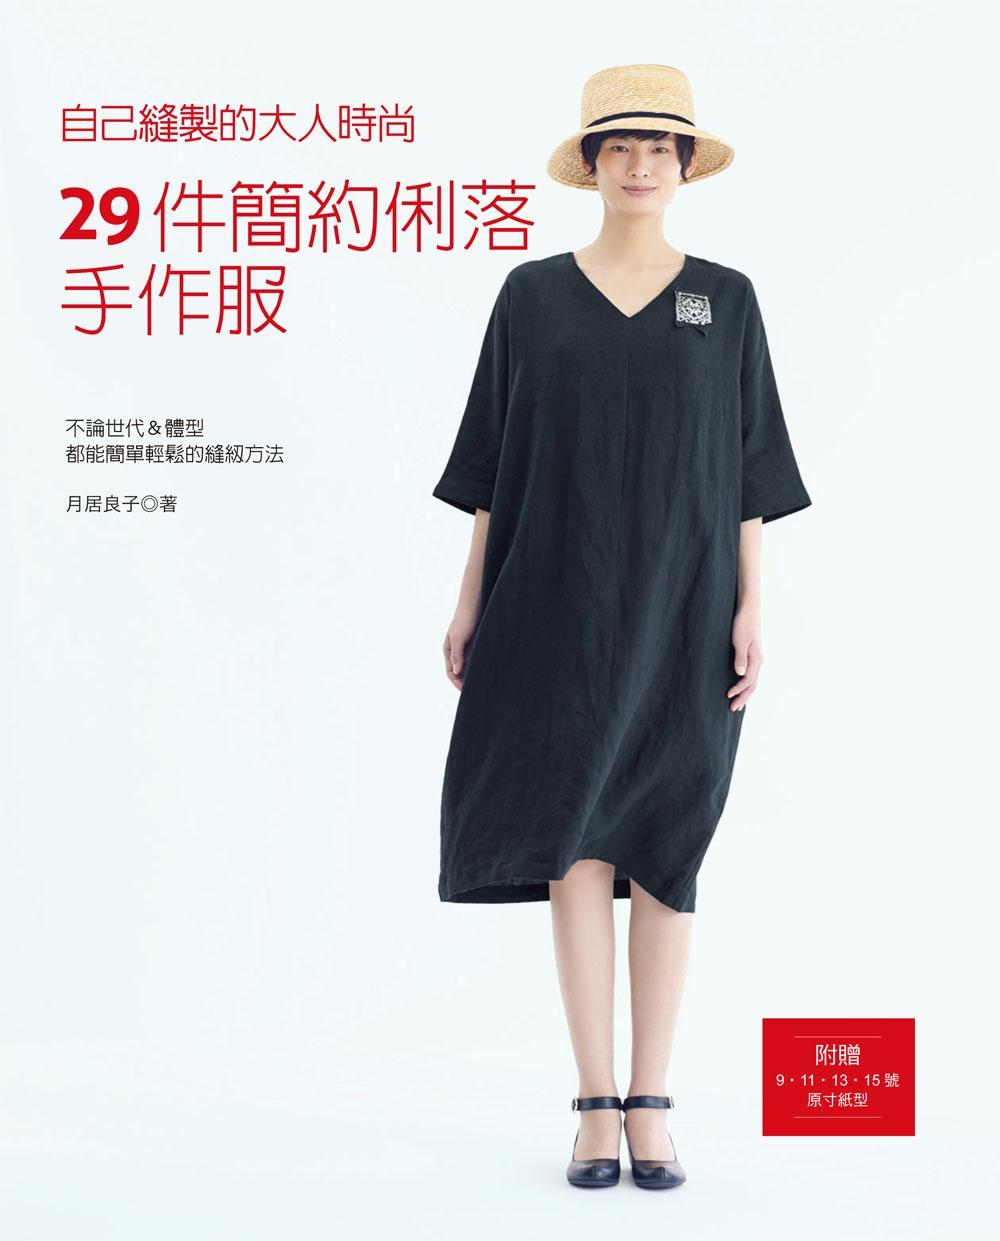 ◤博客來BOOKS◢ 暢銷書榜《推薦》自己縫製的大人時尚‧29件簡約俐落手作服